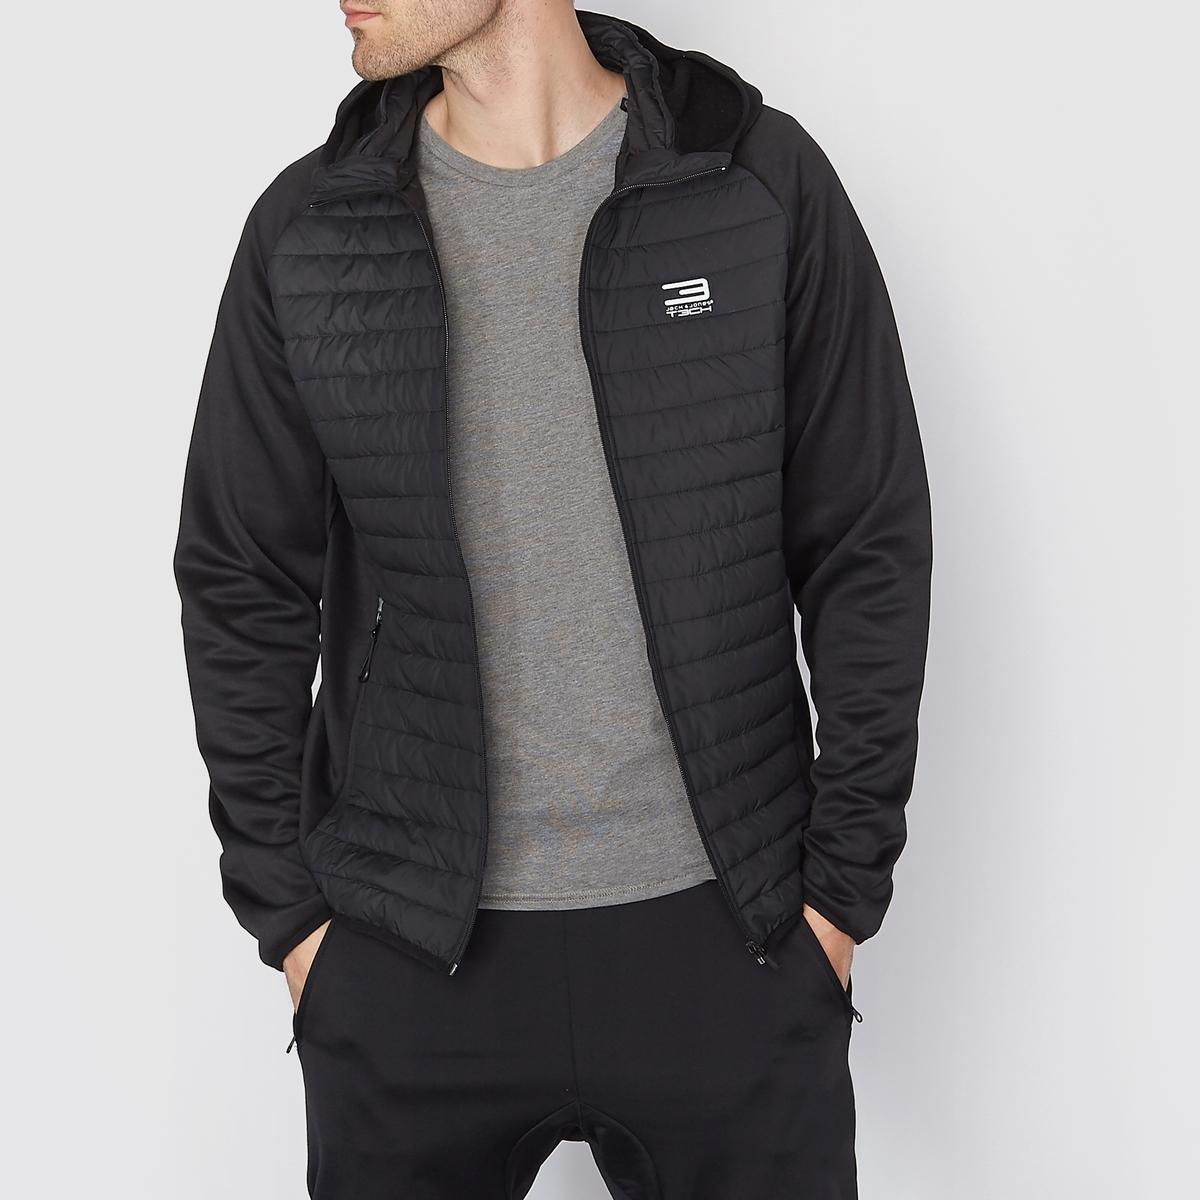 Куртка стеганая с капюшономТонкая стеганая куртка с капюшоном - JACK &amp; JONES. Прямой покрой, высокий воротник. Застежка на молнию . Рукава без стеганой подкладки. Детали из светоотражающей ткани. 2 кармана с застежкой на молнию.Состав и описаниеМатериал : Ткань с водоотталкивающей пропиткой 100% полиэстераМарка : JACK &amp; JONES<br><br>Цвет: черный<br>Размер: L